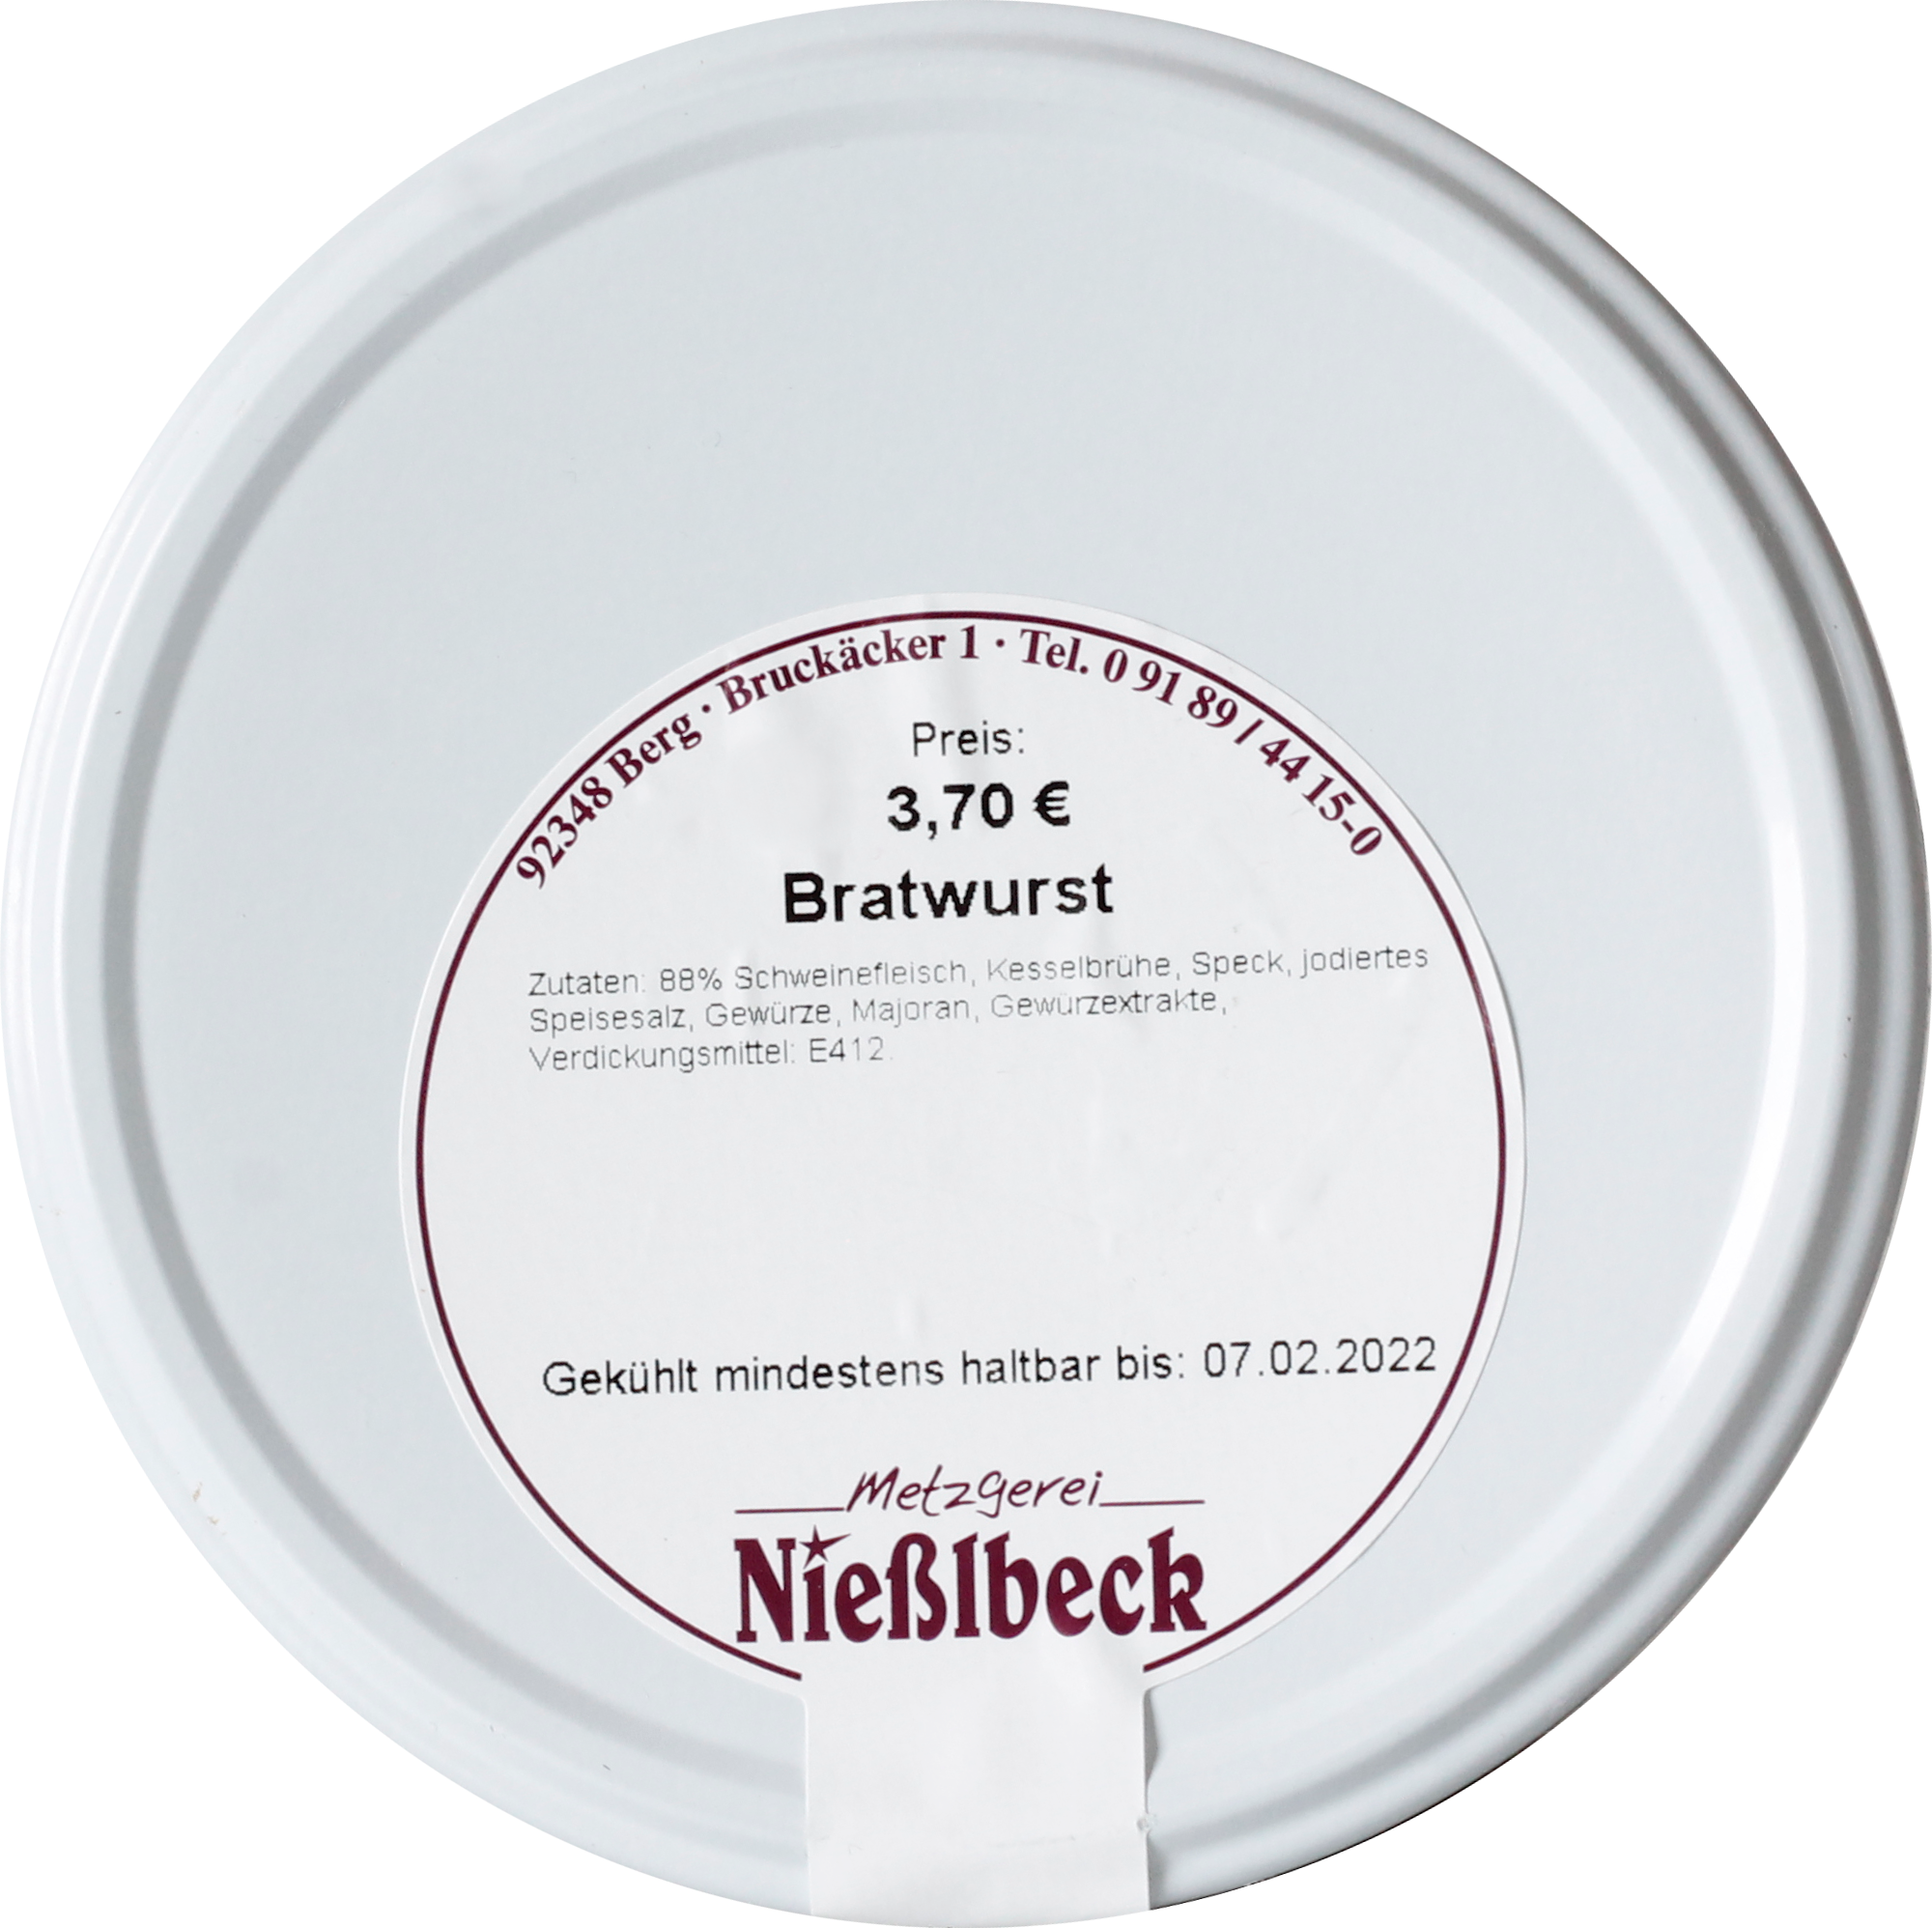 Bratwurst (Glas 380g)